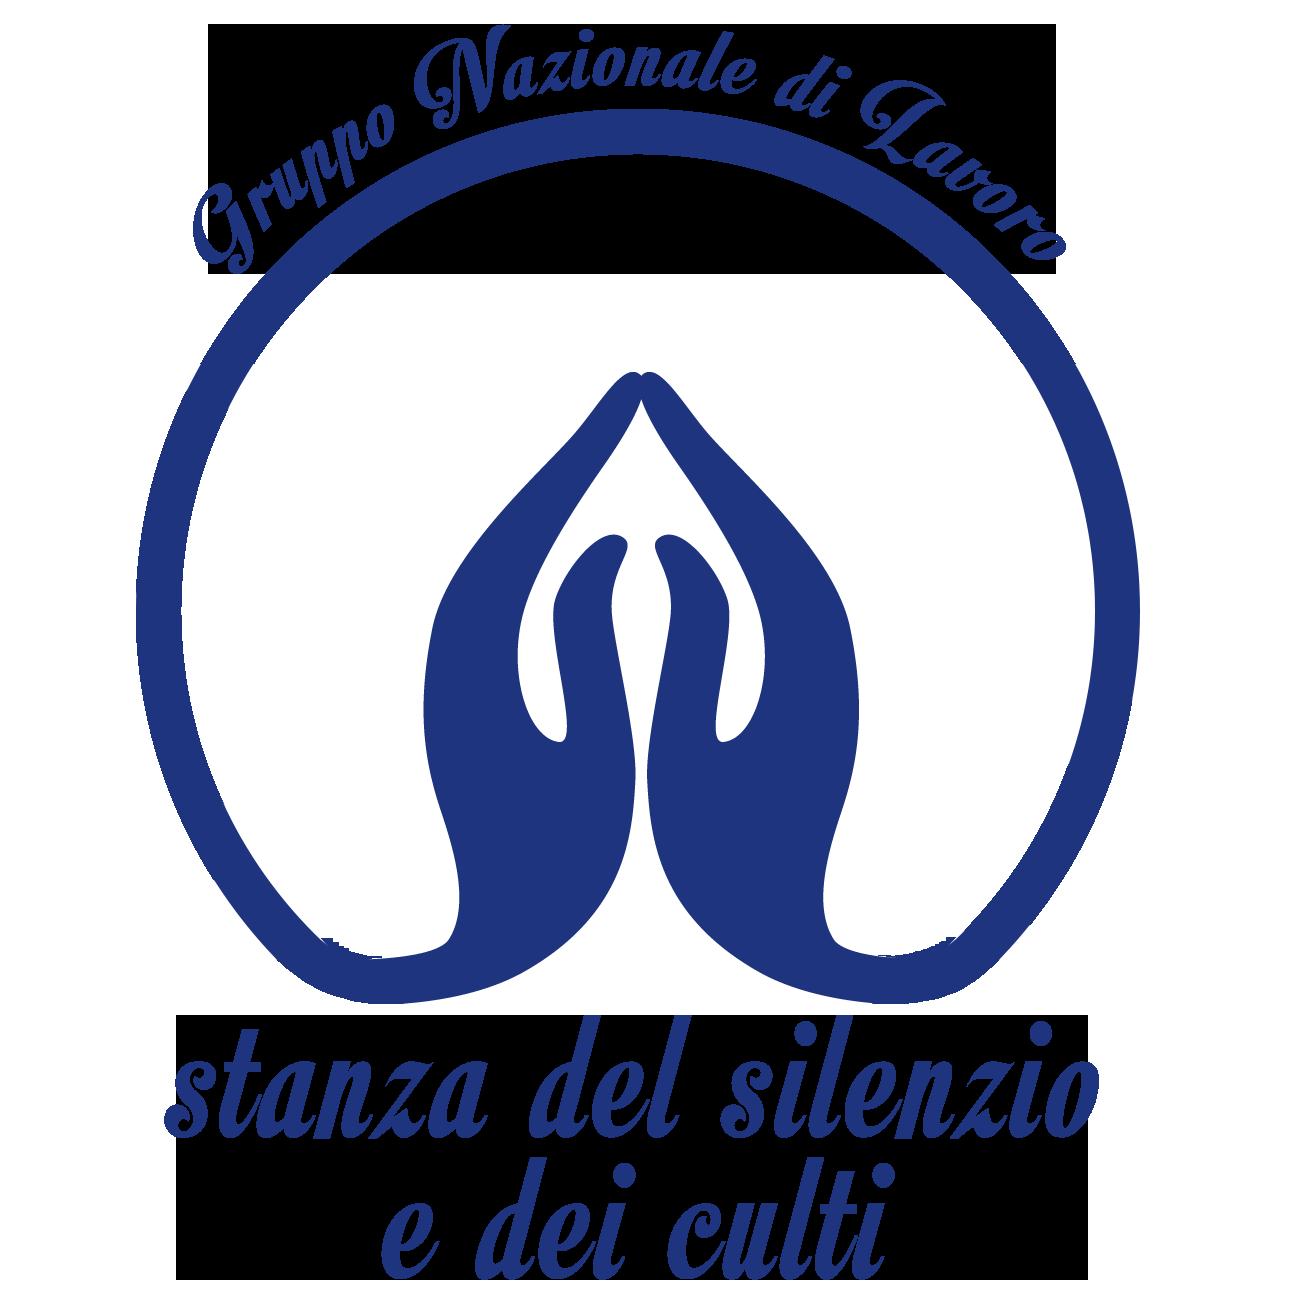 Gruppo Nazionale Stanza del Silenzio e dei Culti